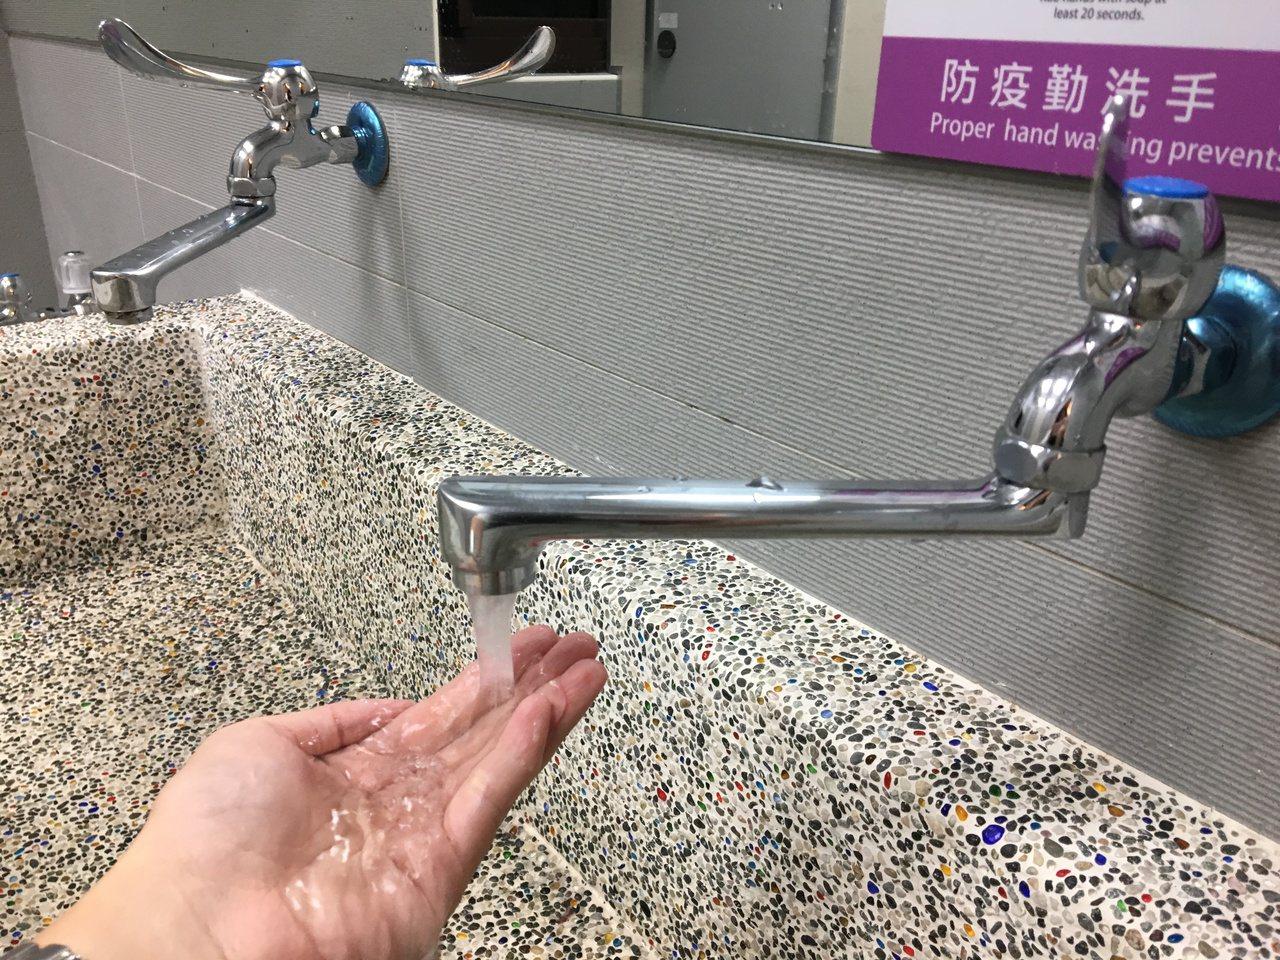 台灣自來水公司為辦理桃園市八德區大興路埋設管線工程,將於16日晚上10點起至17...